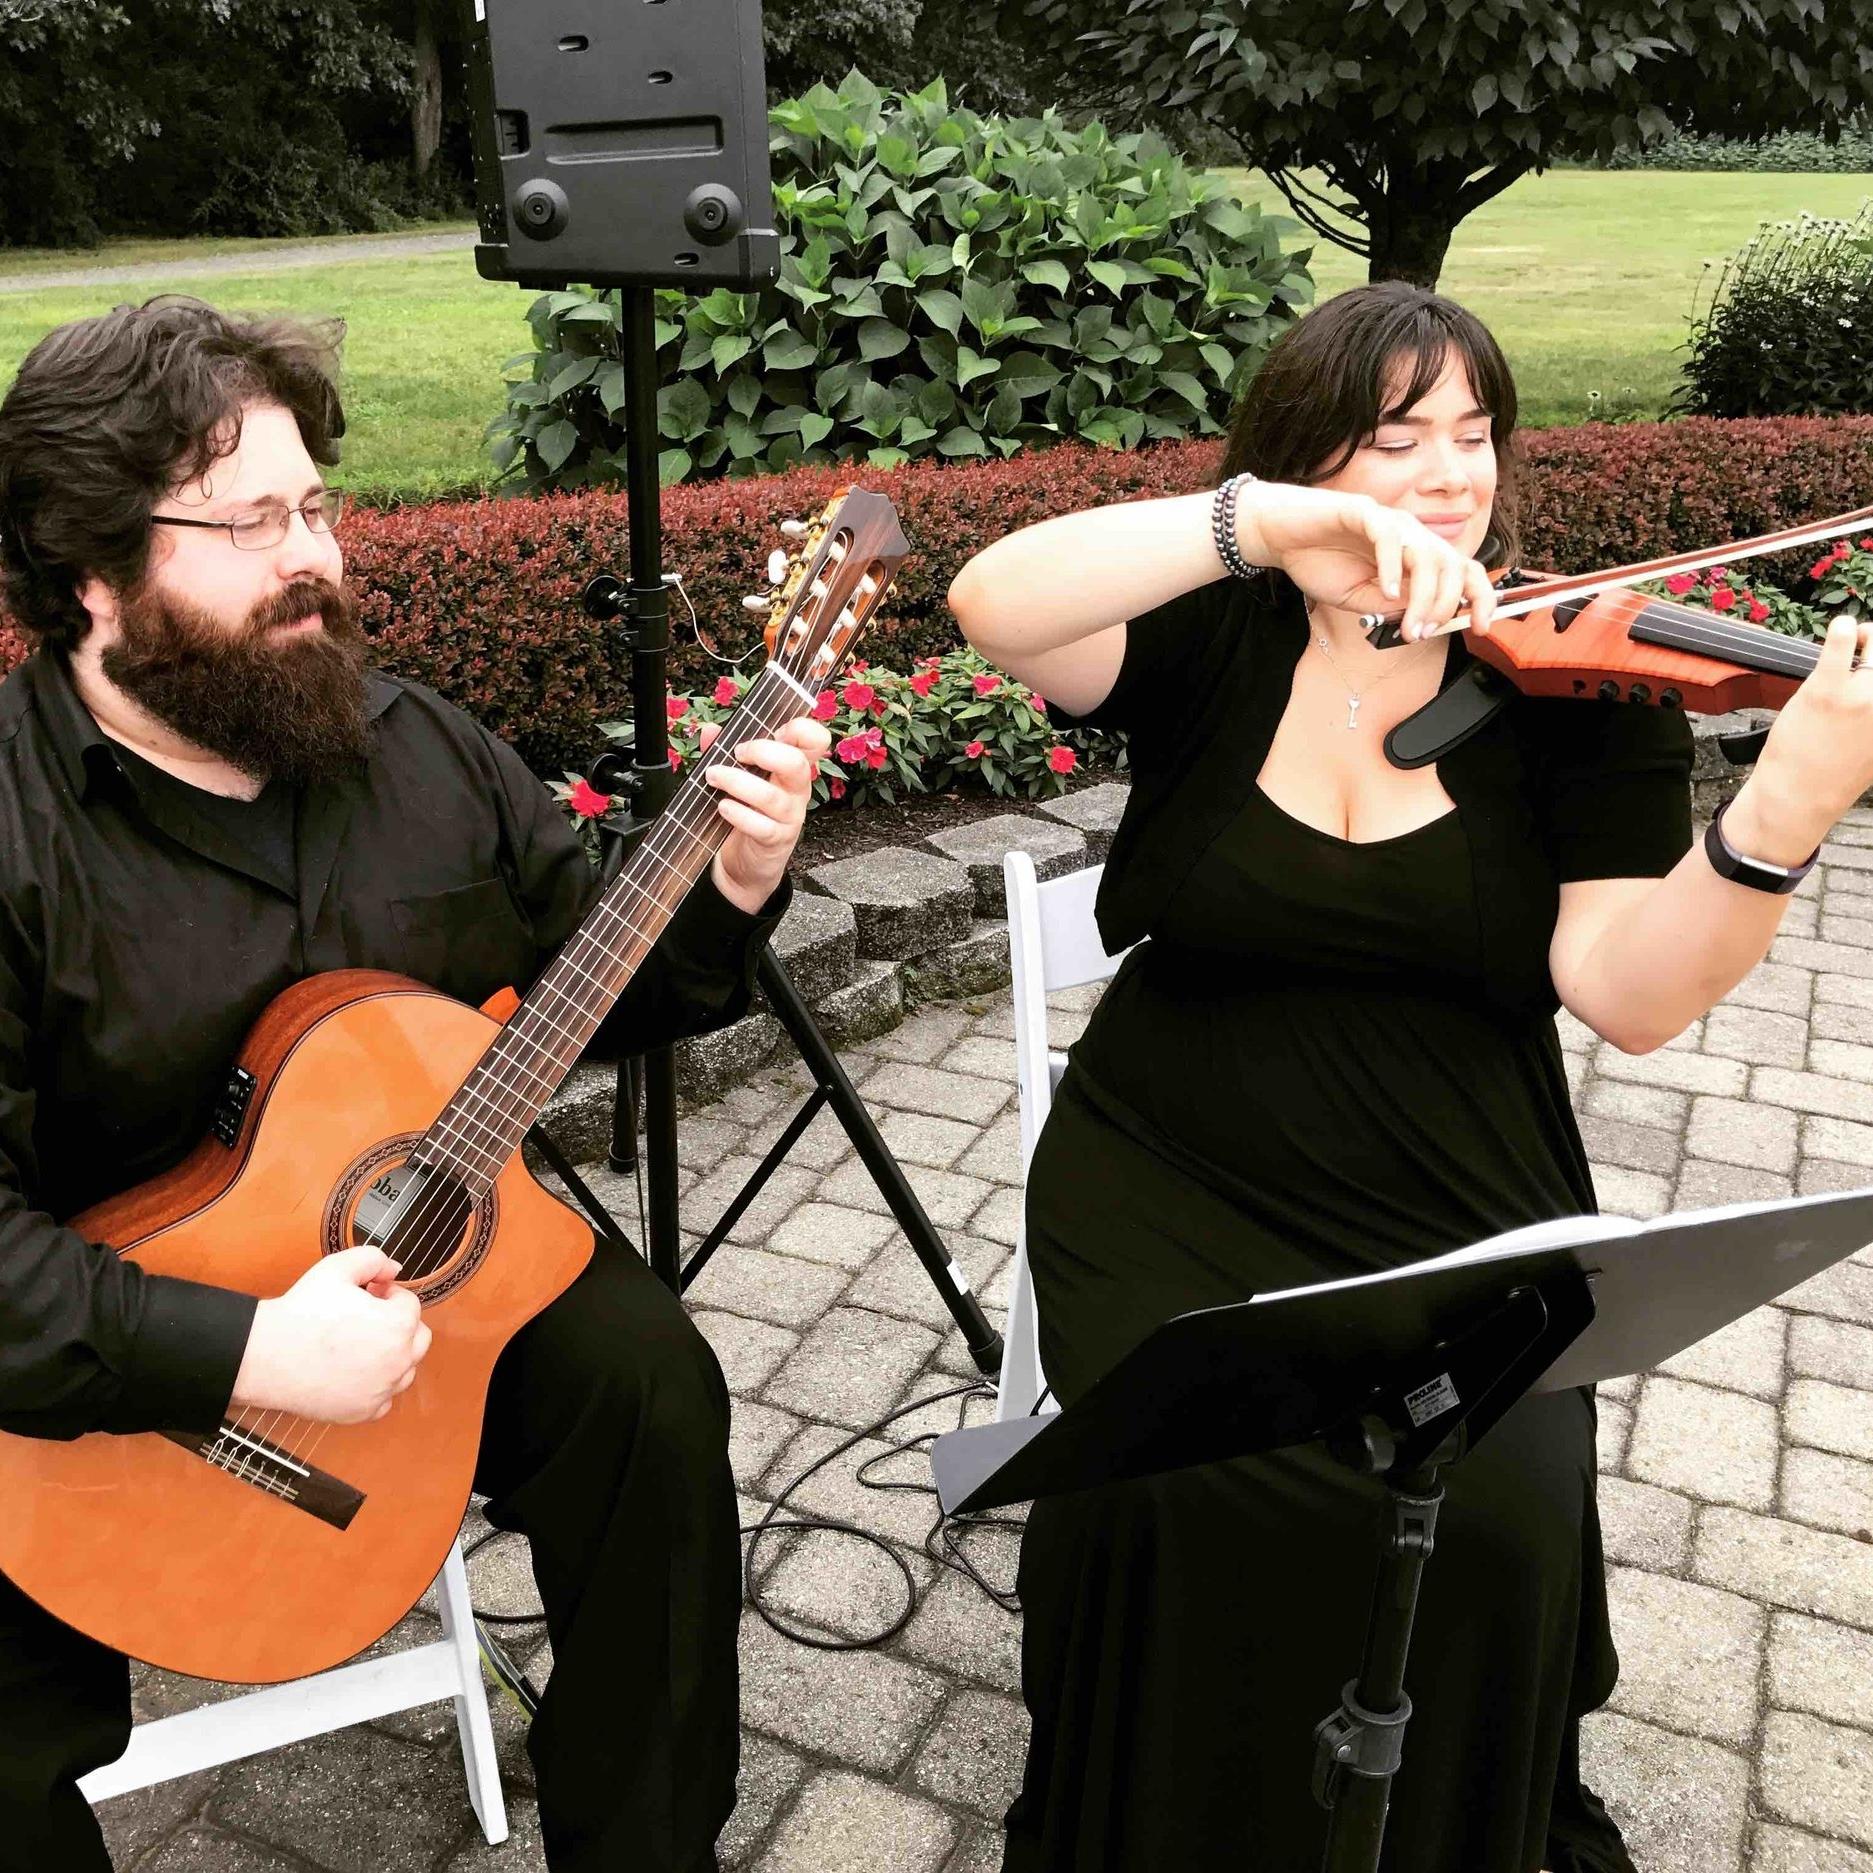 Ariana Strings, Classical Wedding Music Ensembles - Ariana Packer(860) 400-2196ArianaStringsCT@gmail.com